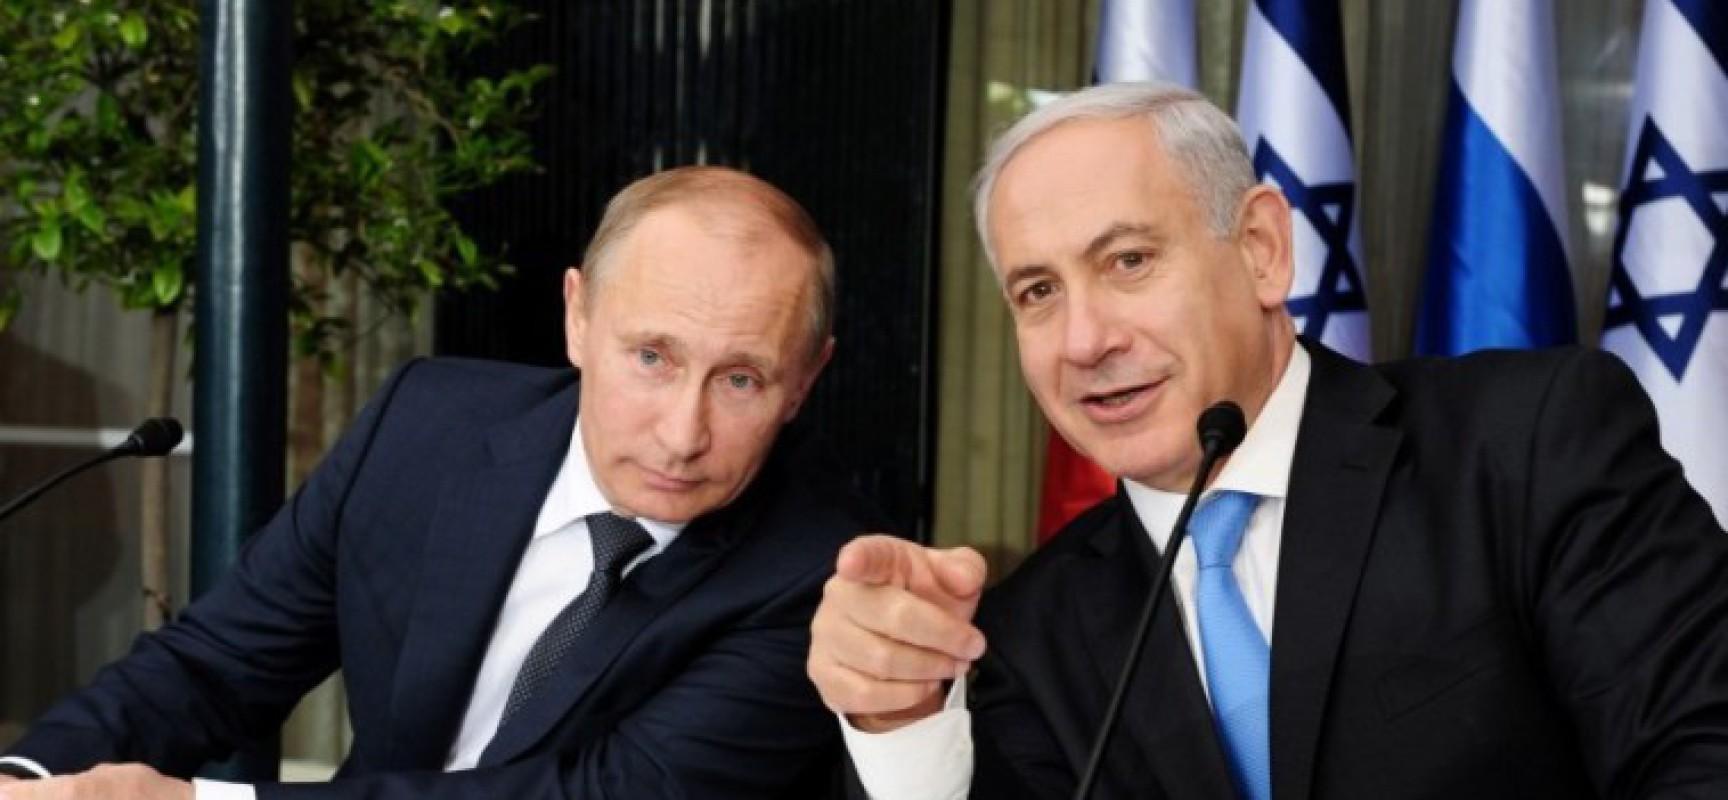 Tout arrive ! Un accord secret entre Assad et Netanyahu, avec la médiation de Poutine